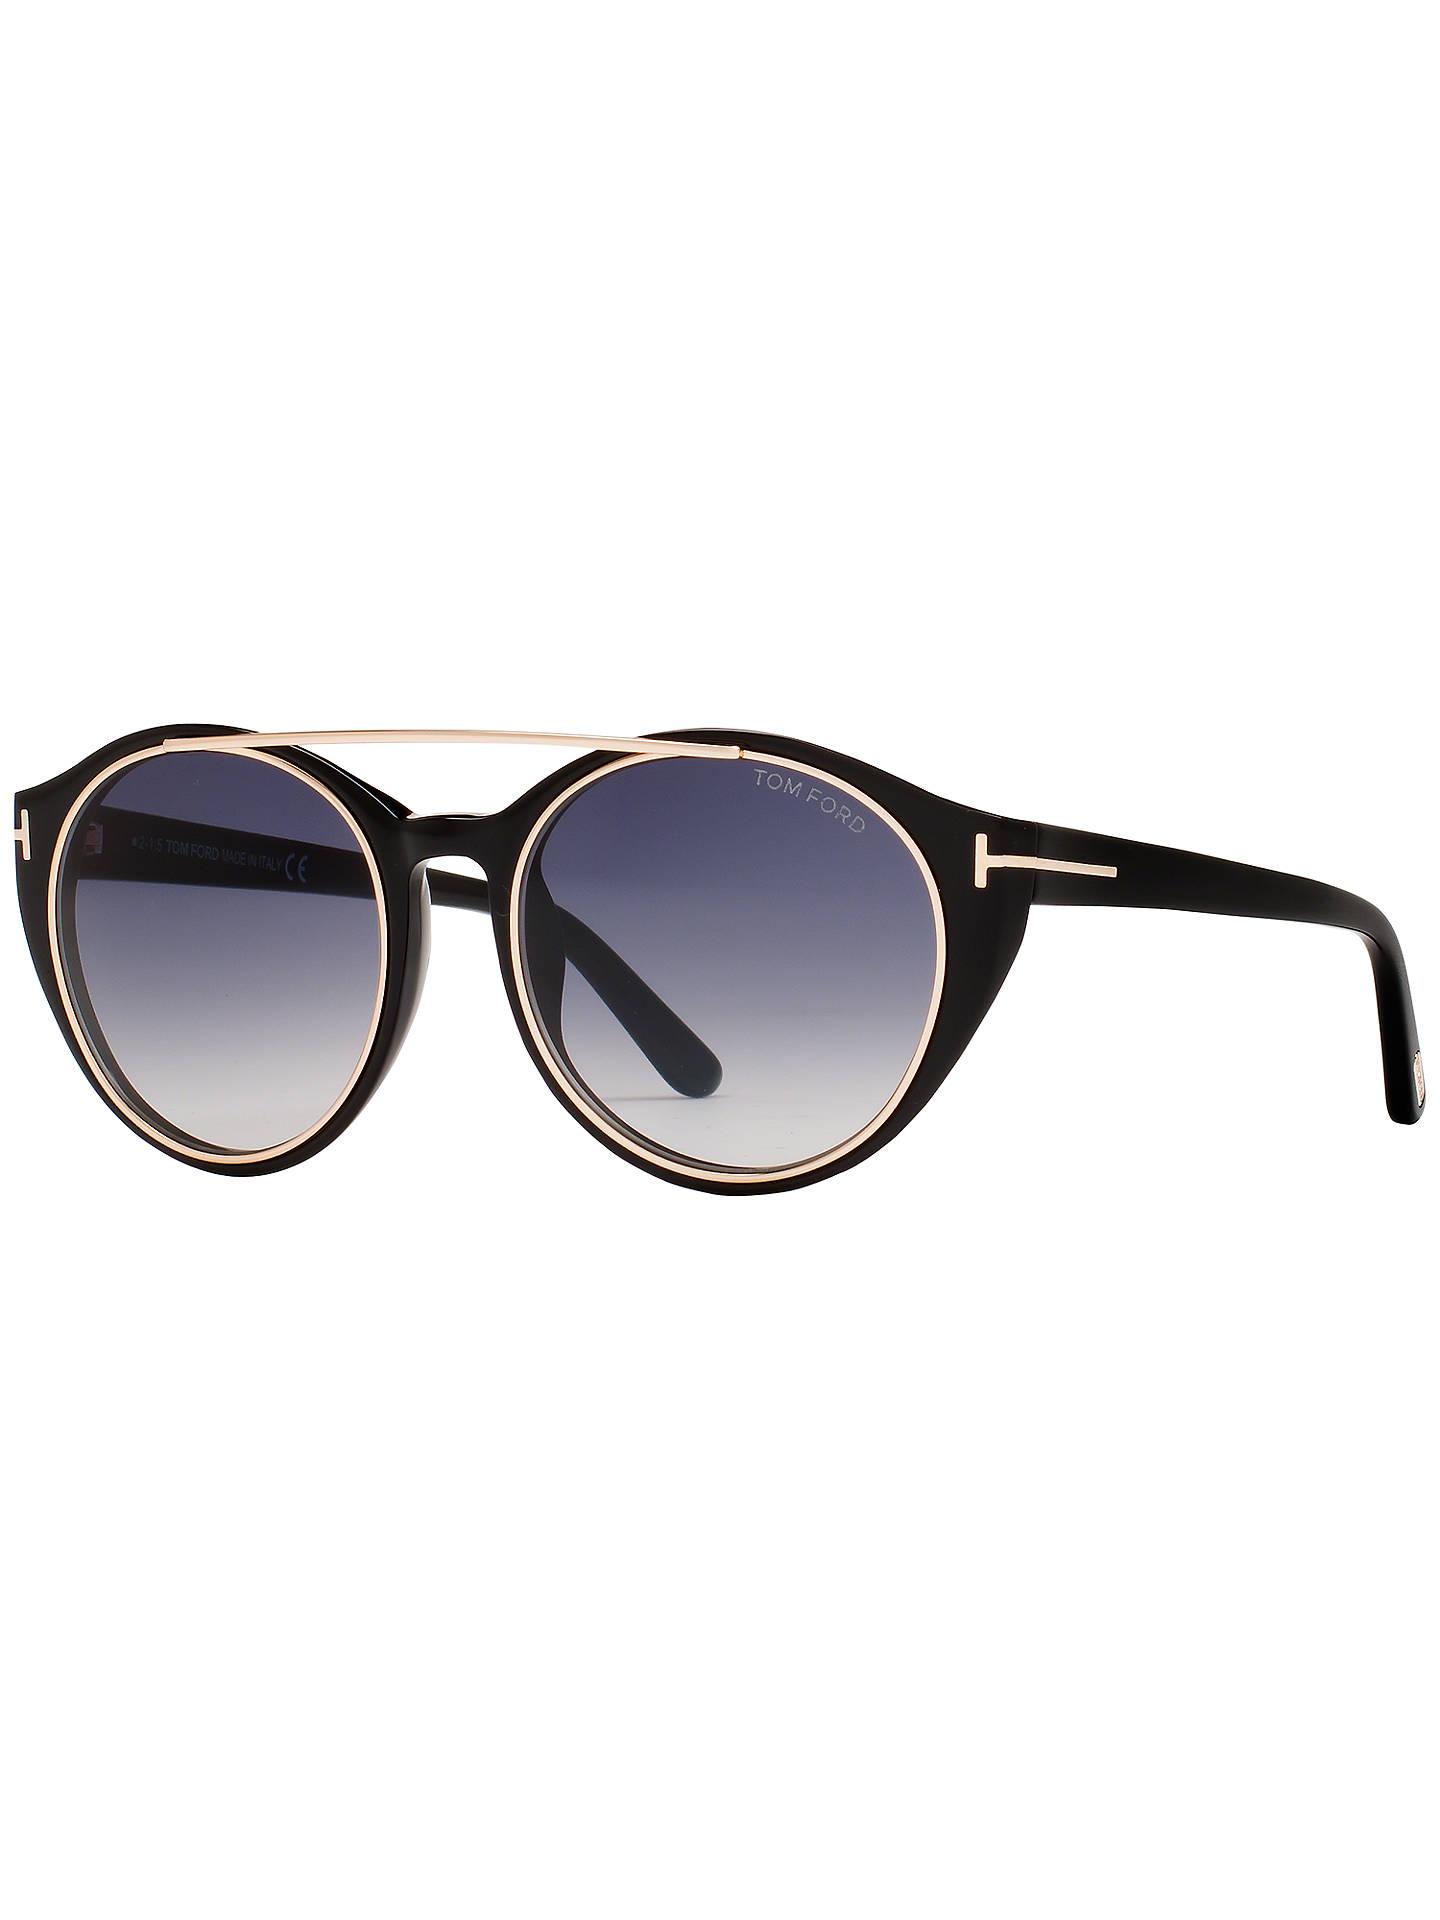 356219363e Buy TOM FORD FT0383 Joan Sunglasses